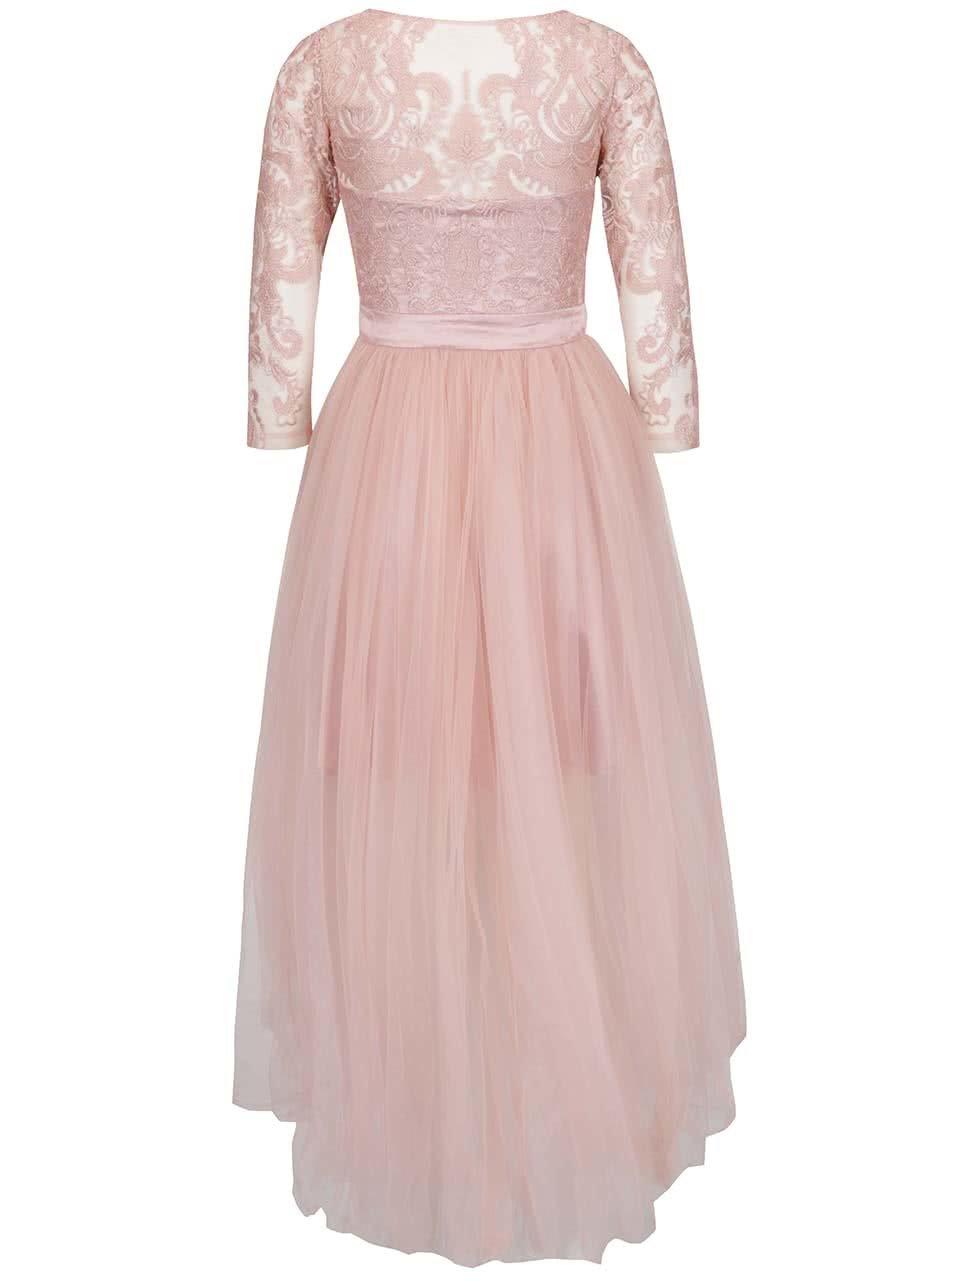 8b11a65df1ba Svetloružové šaty s čipkovaným topom Chi Chi London Sierra ...